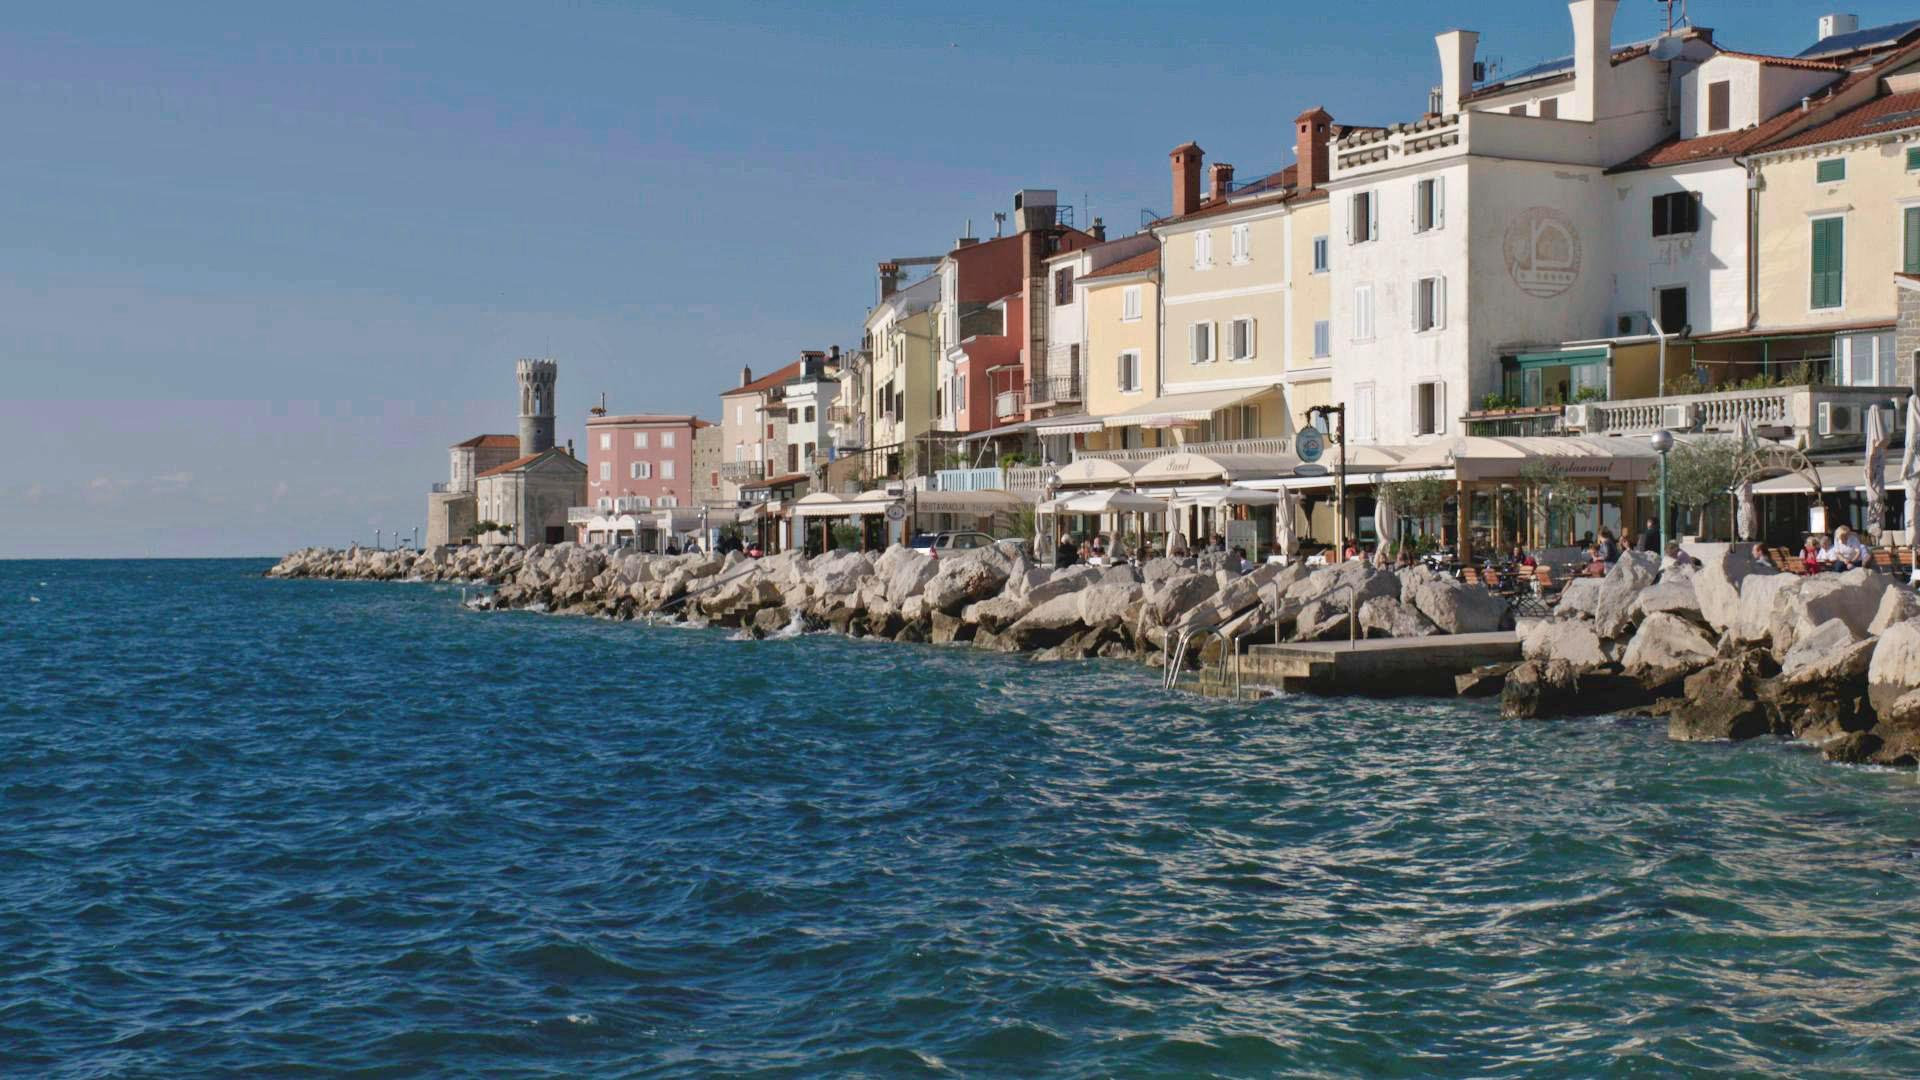 03 Die Adriaküste in der ehemals venezischen Hafenstadt Piran